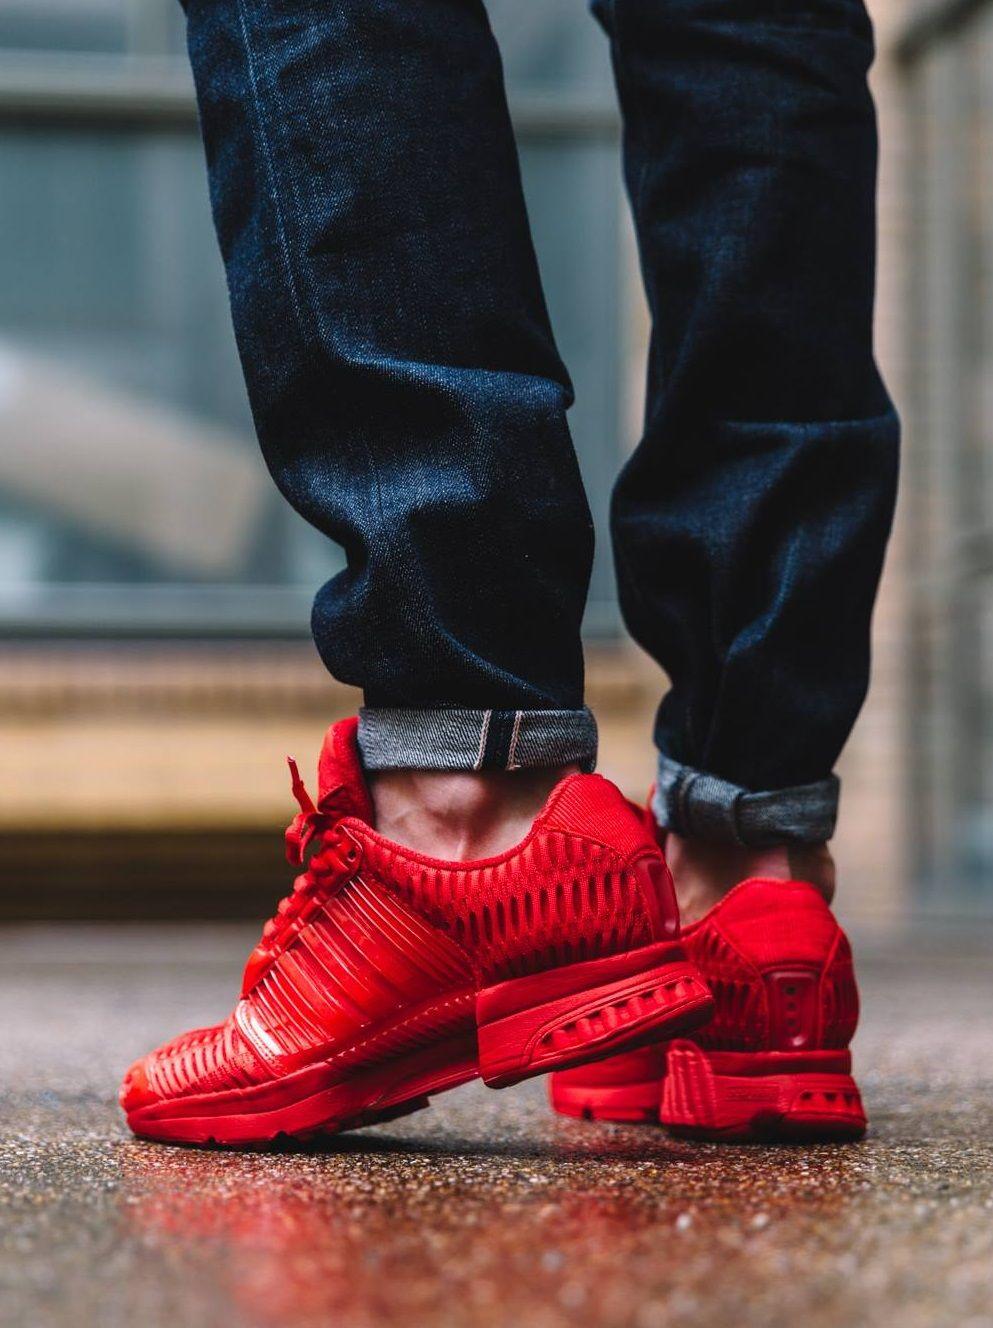 adidas Originals Climacool: Red